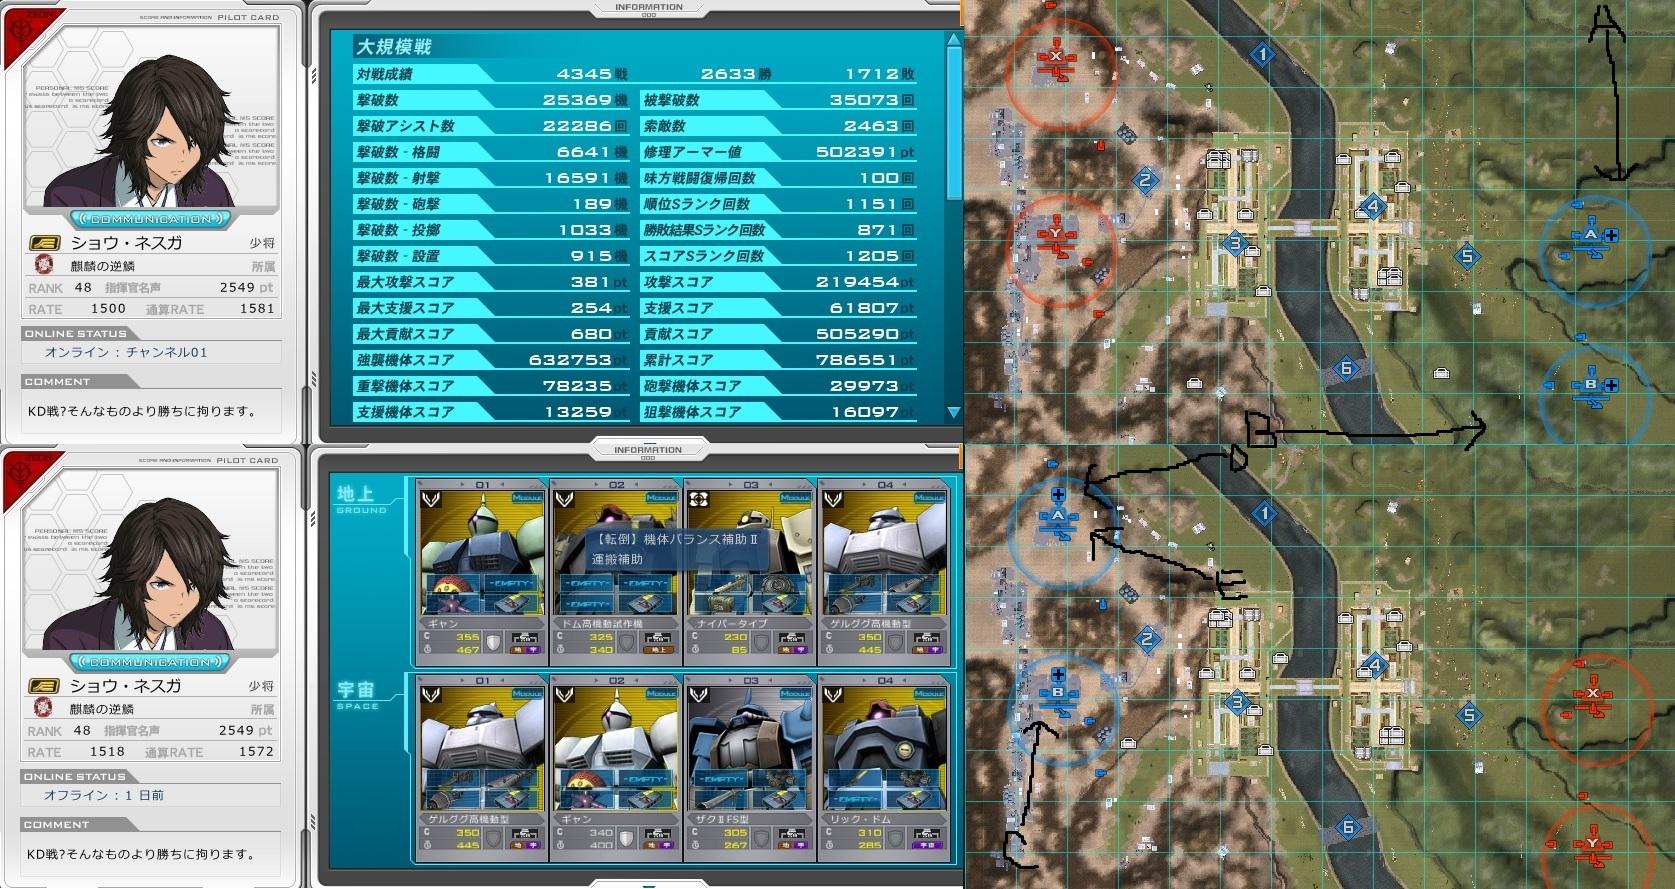 機動戦士ガンダムオンライン S鯖晒しスレ123機目 [無断転載禁止]©2ch.netYouTube動画>1本 ->画像>397枚